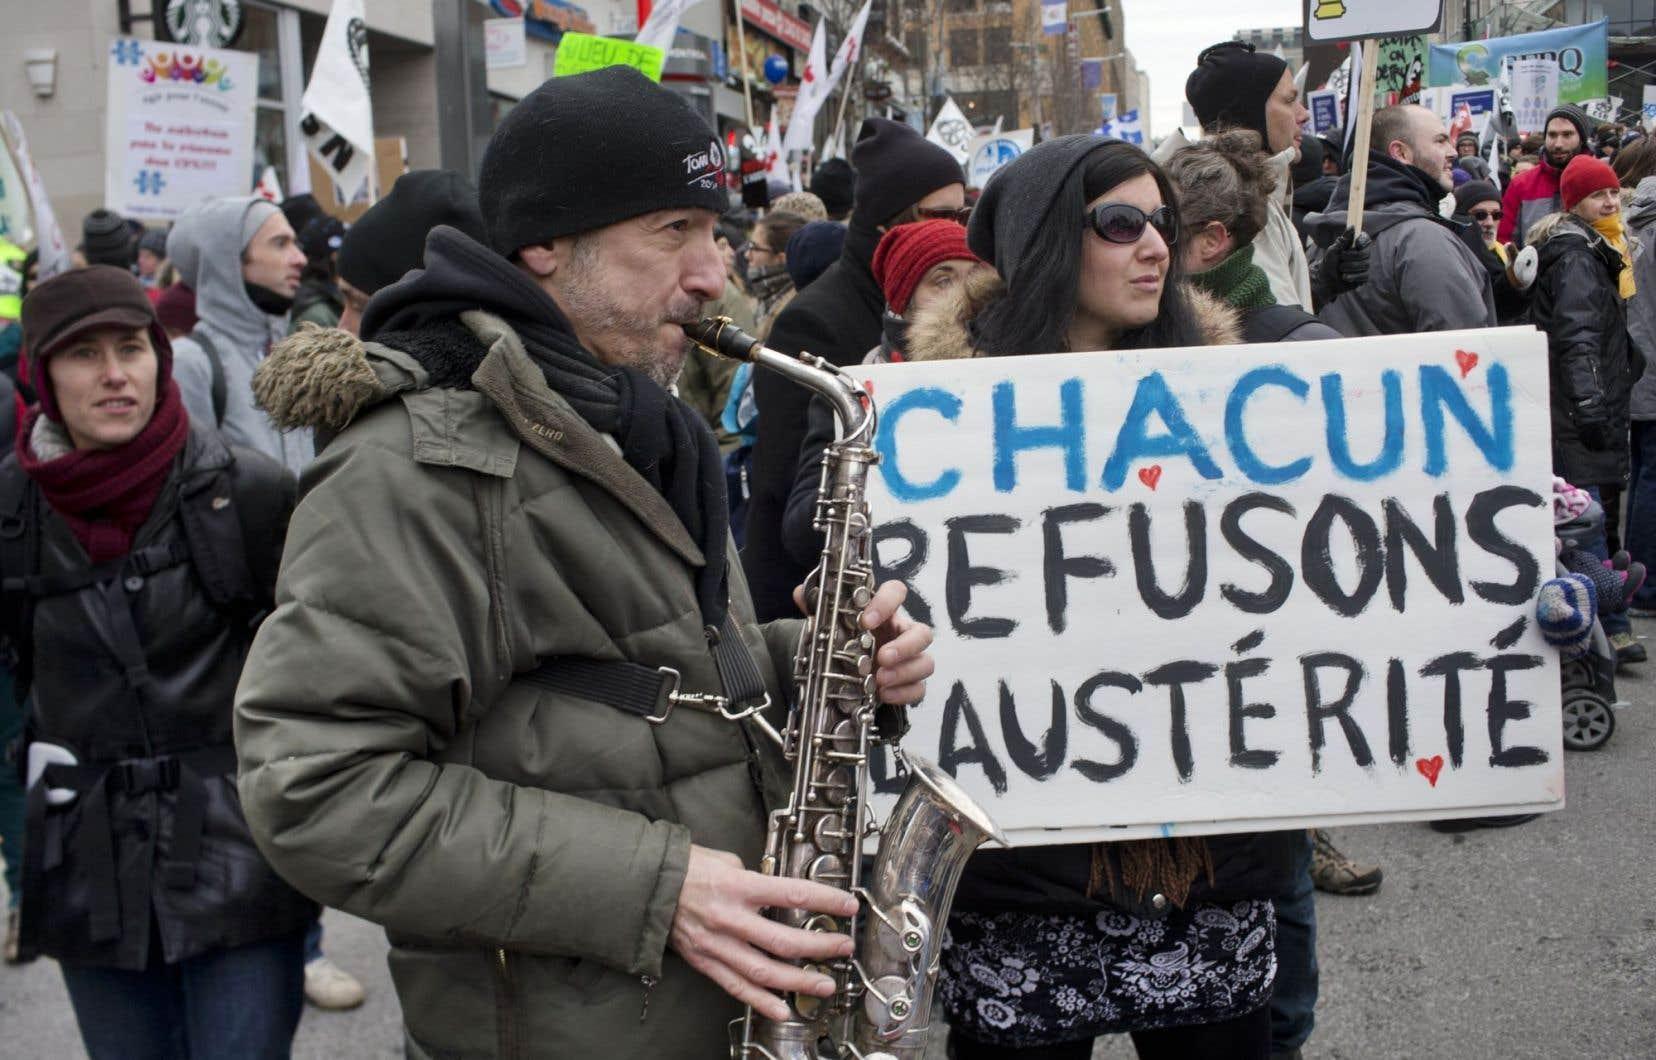 Une manifestation contre les mesures d'austérité le 19 novembre 2014